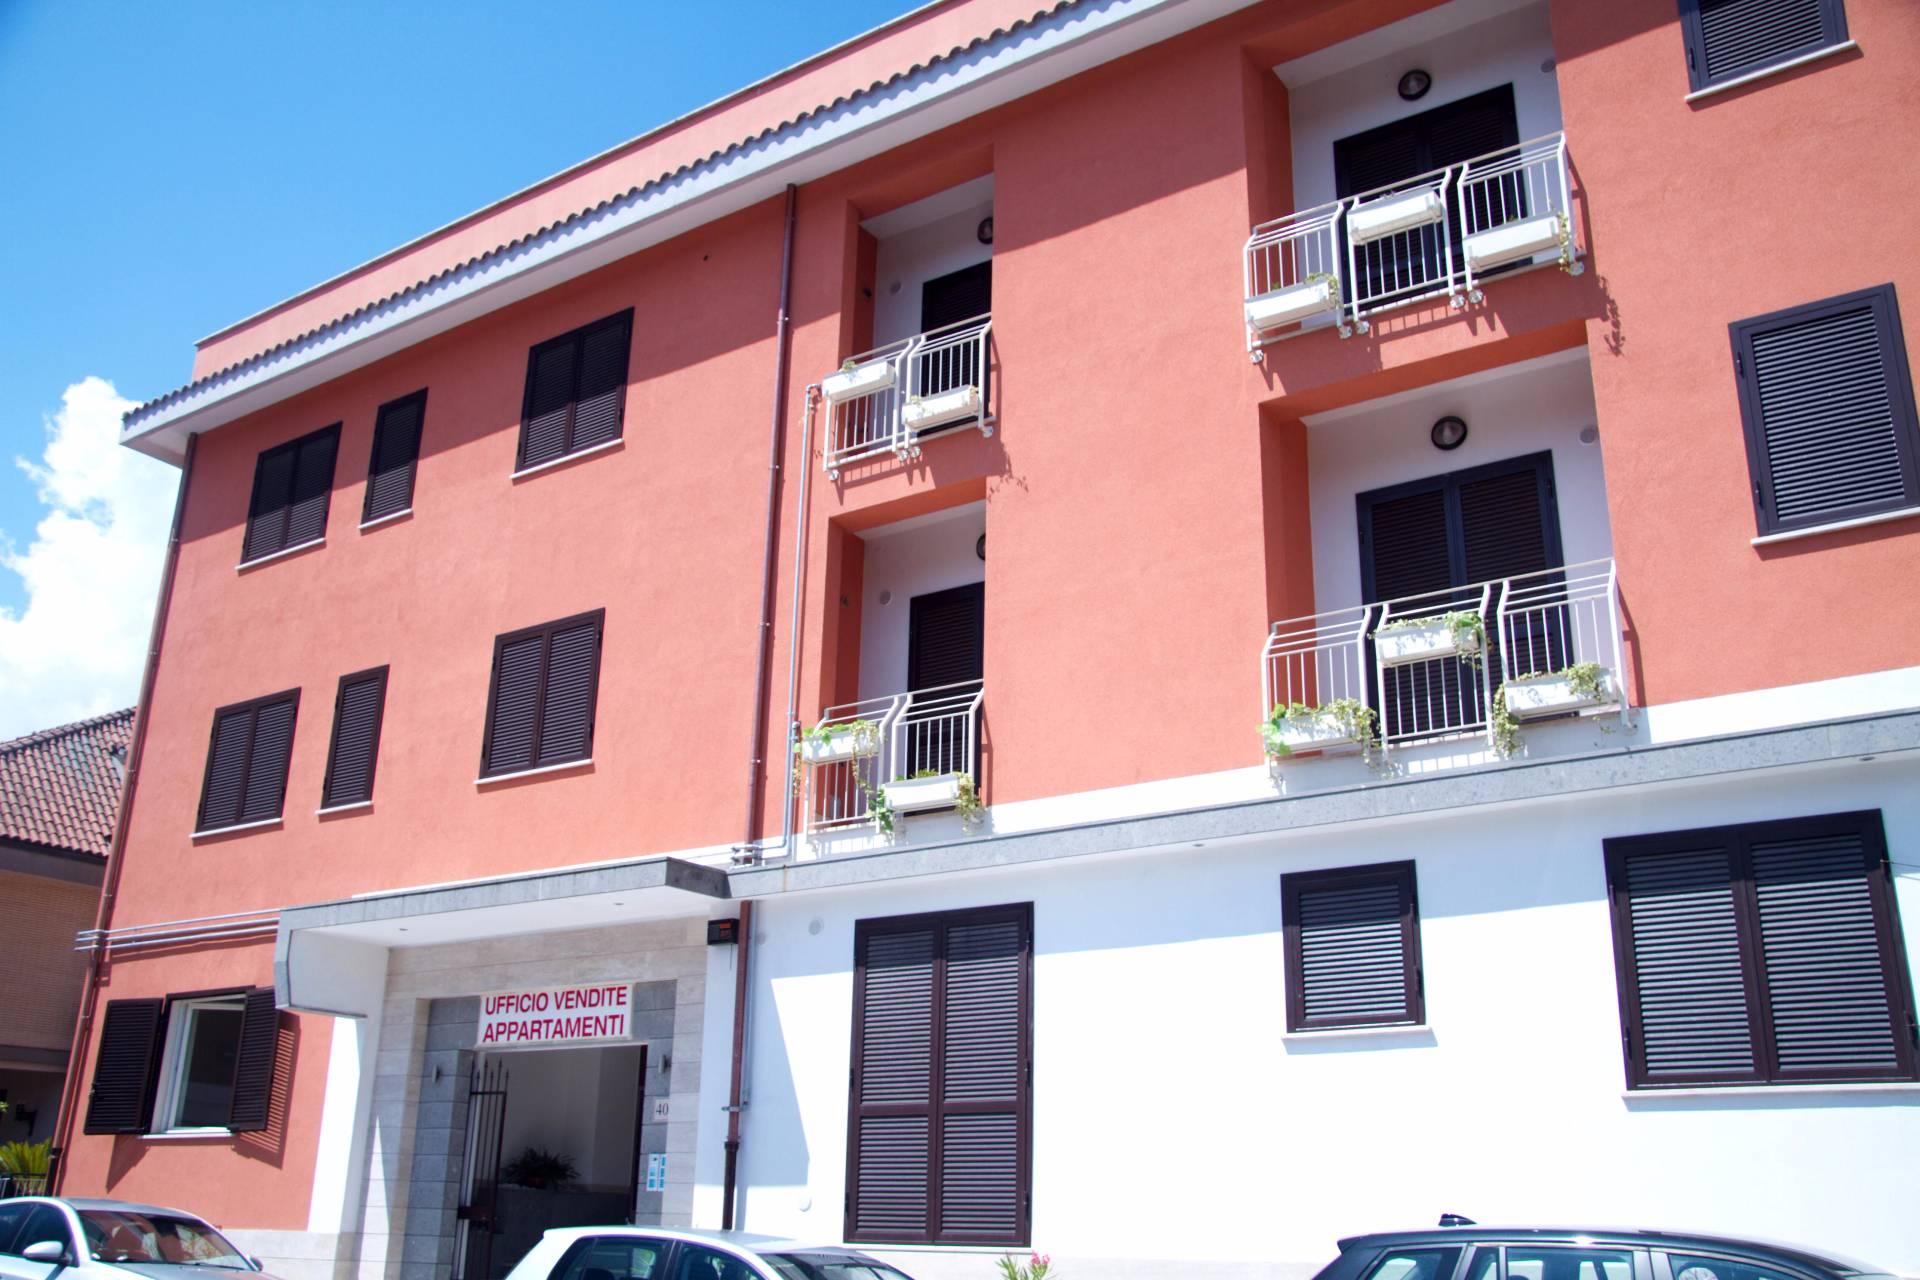 Attico / Mansarda in vendita a Colleferro, 3 locali, prezzo € 128.000 | Cambio Casa.it